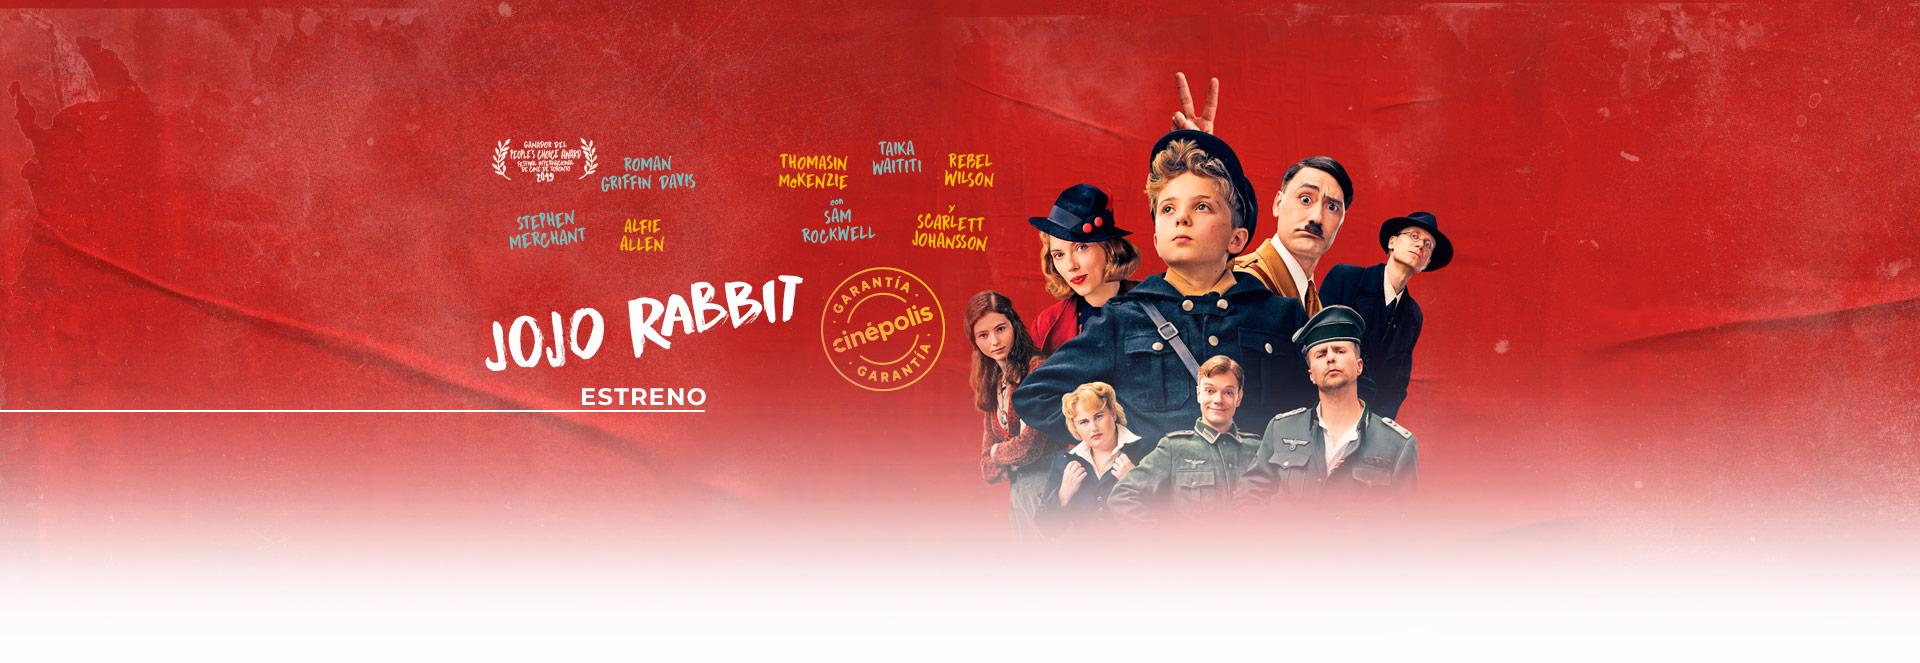 Banner Jojo Rabbit | Garantía Cinépolis